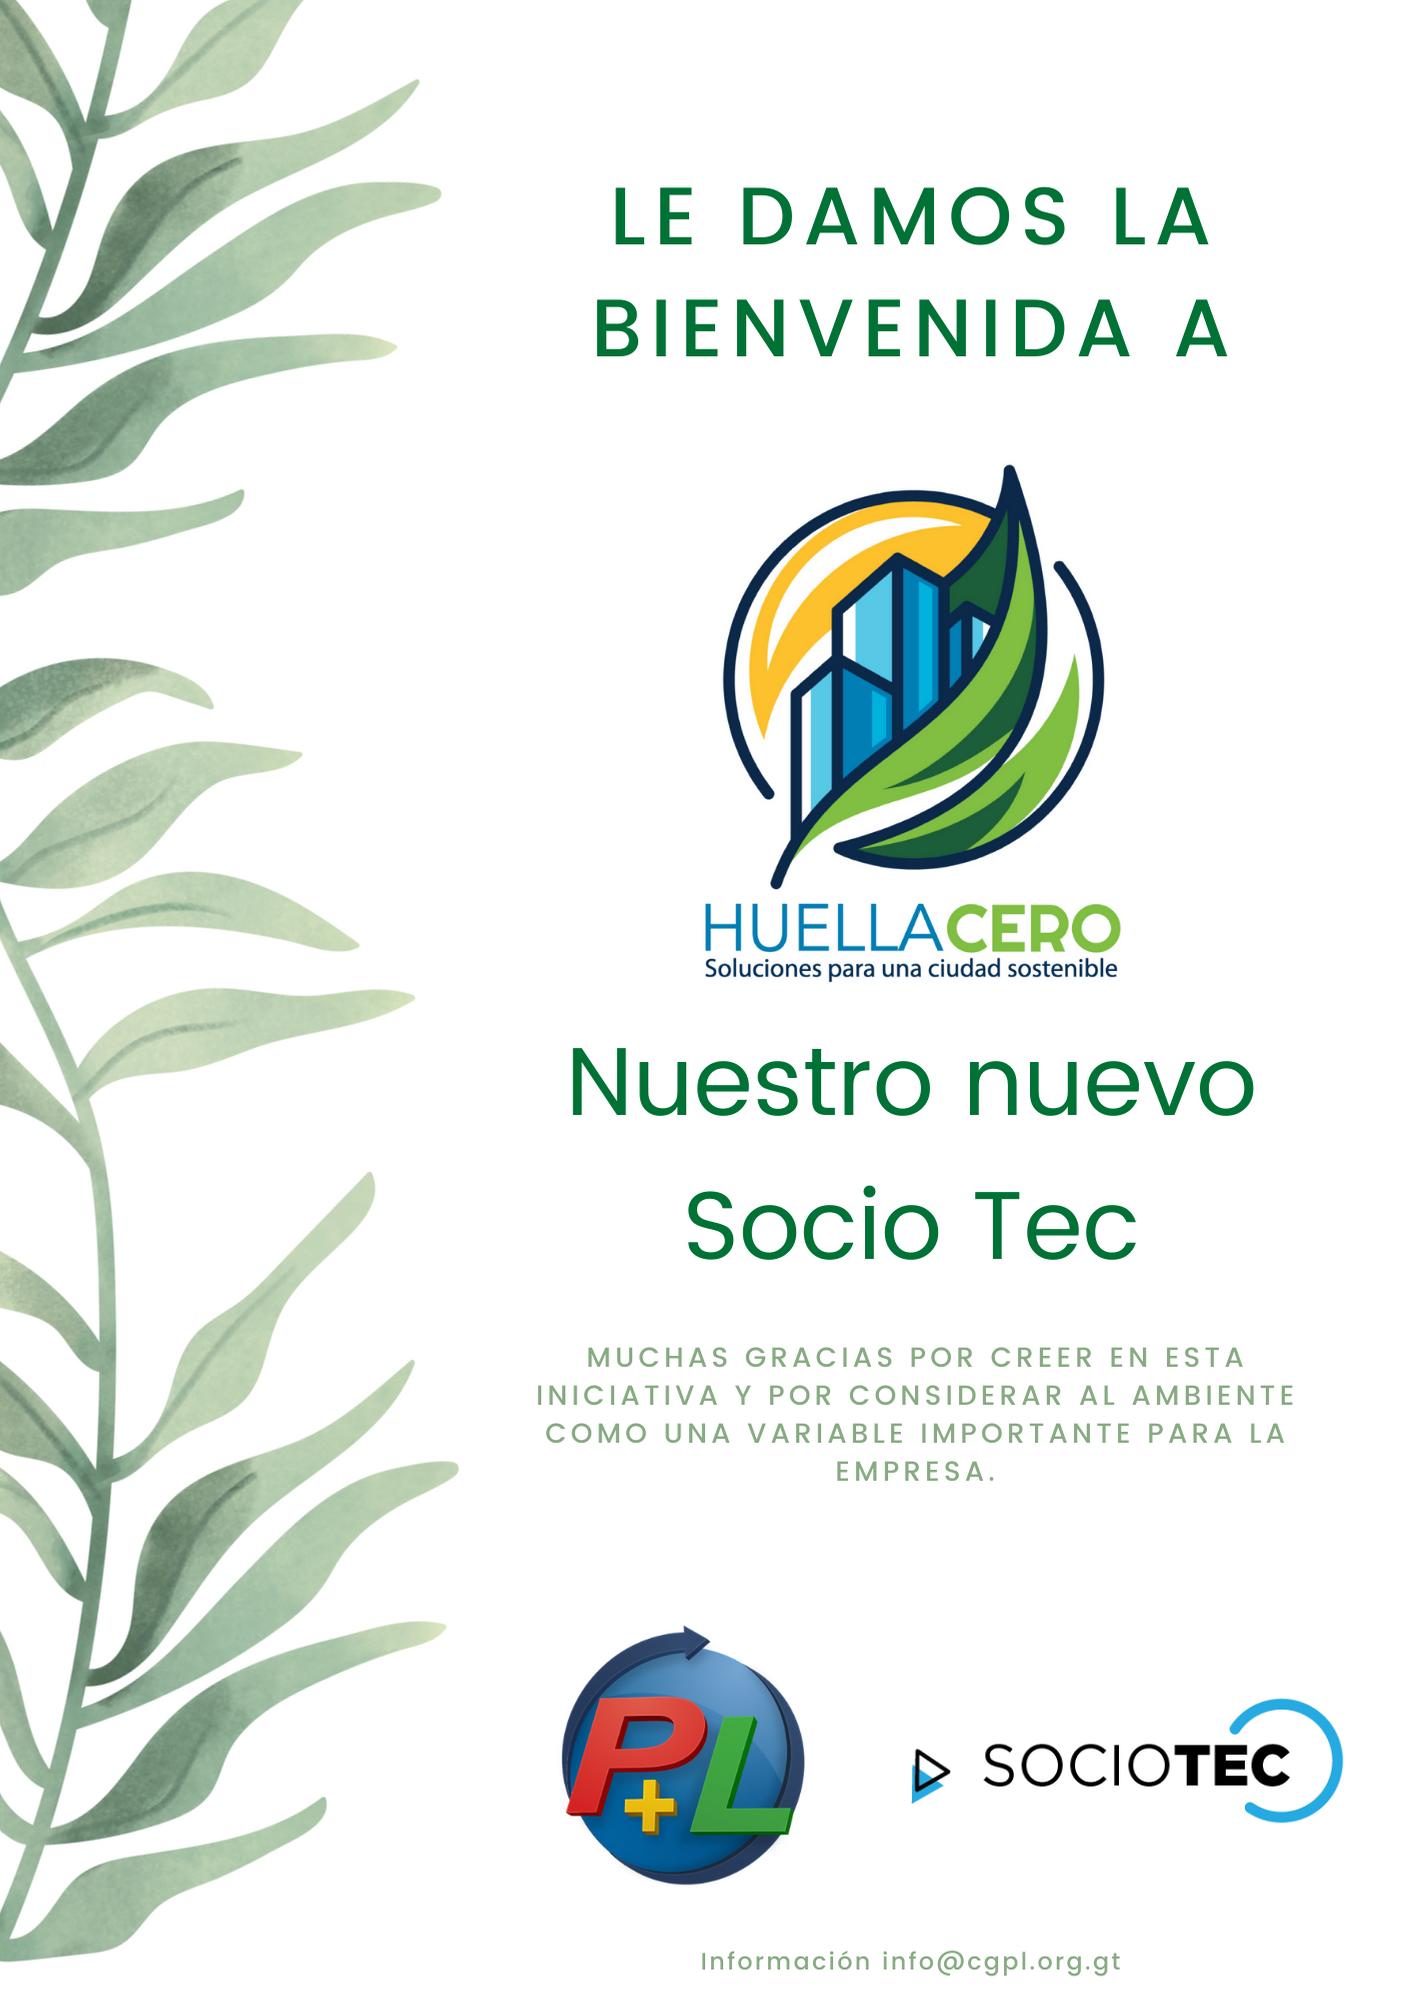 Le Damos La Bienvenida A Nuestro Nuevo Socio Tec, Huella Cero